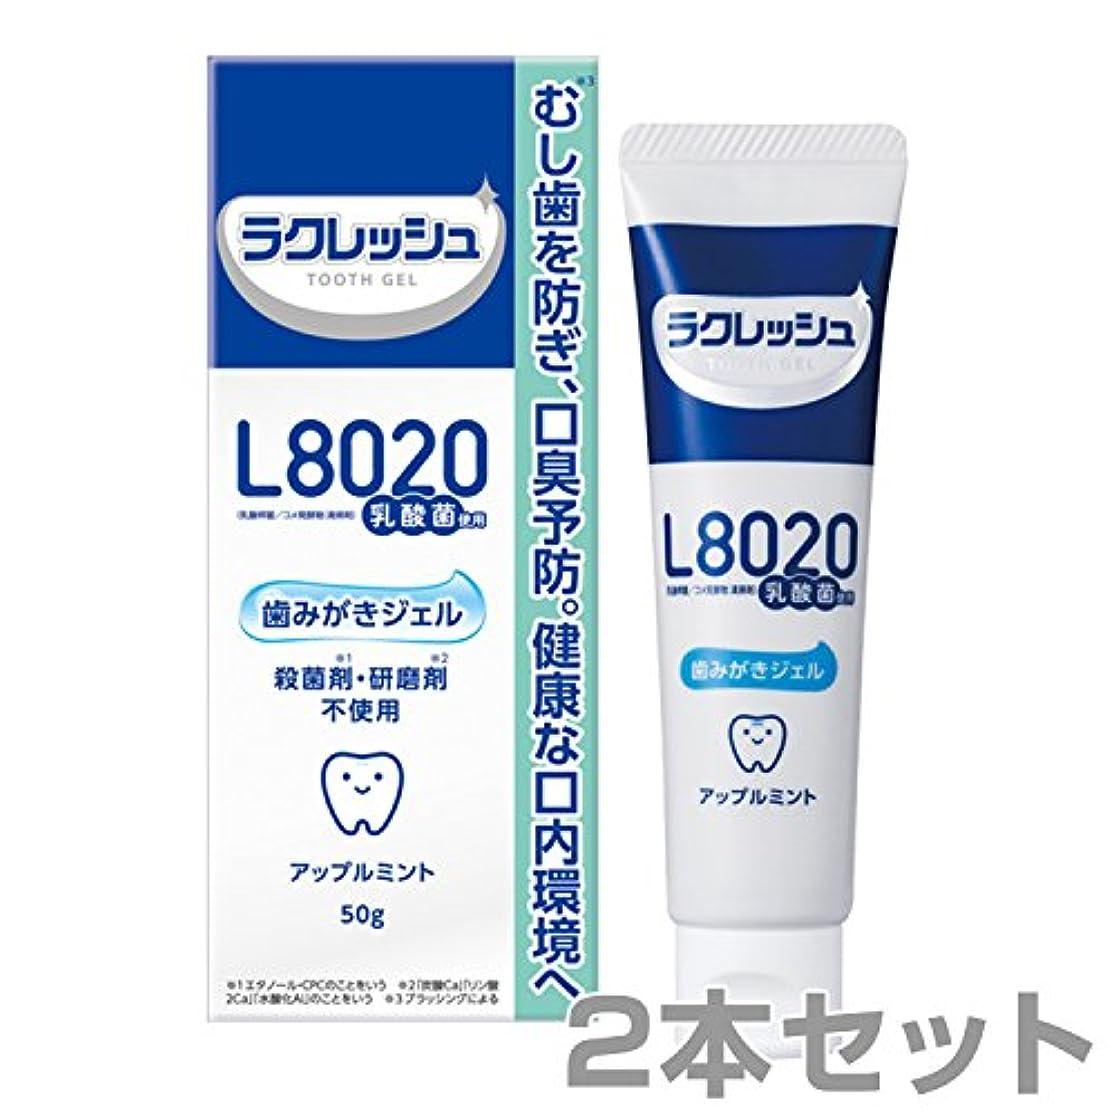 セーブスタンドズボンジェクス(JEX) ラクレッシュ L8020 乳酸菌 歯みがきジェル (50g) 2本セット アップルミント風味